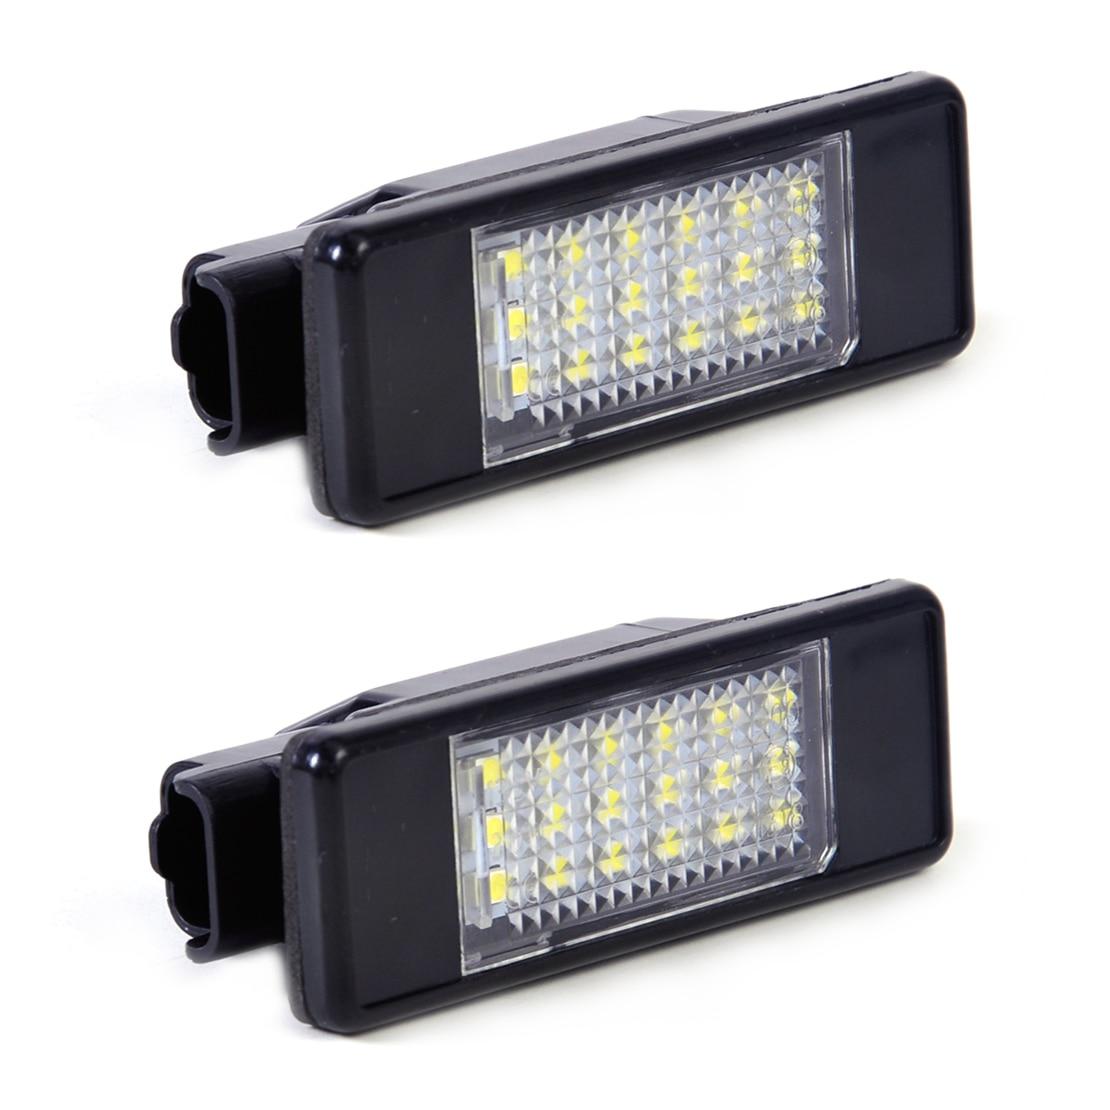 все цены на  beler 2Pcs Car 18 LED License Plate Light Lamp 6340 G9 / 6340 A5 / 6340 G3 / 6340 F0 for Peugeot 207 308 406 407 Citroen C2 C3  онлайн